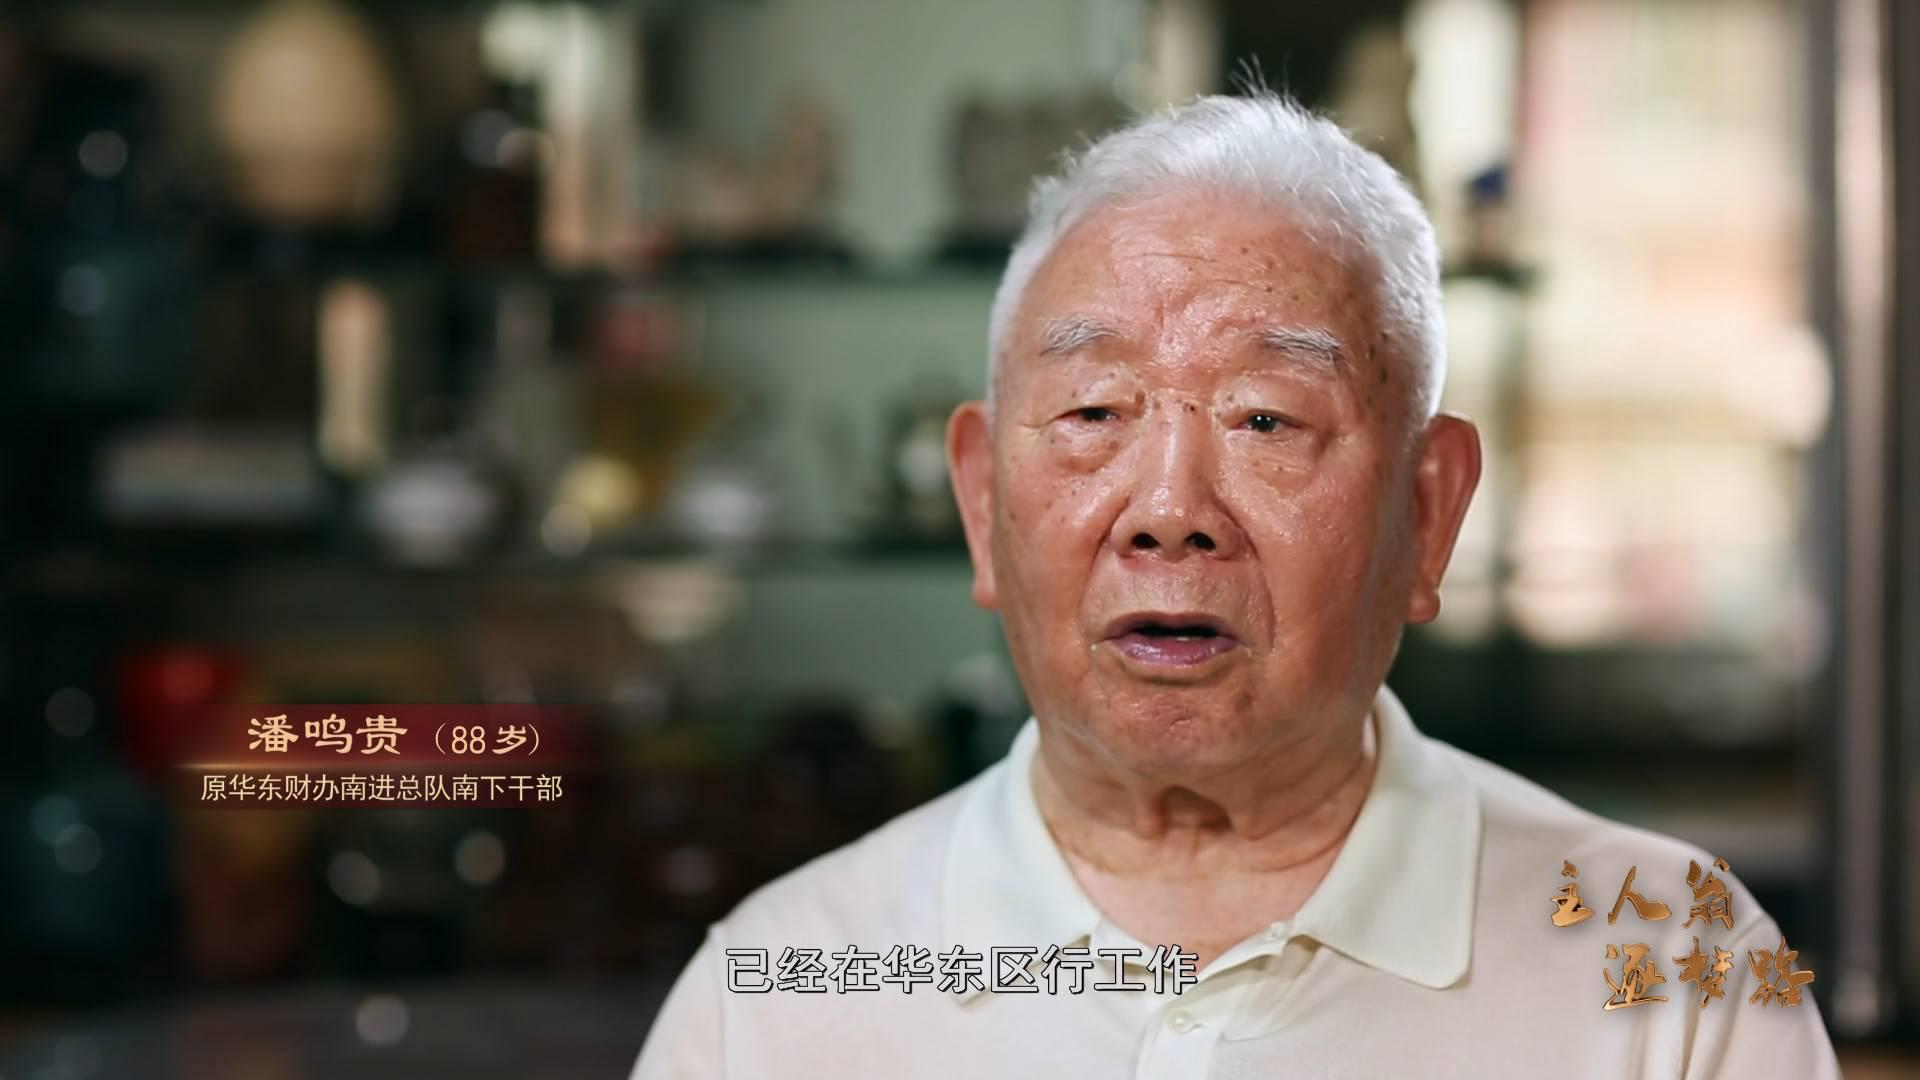 主人翁 逐梦路|南下干部潘鸣贵如何护送新中国第一套人民币进入福建